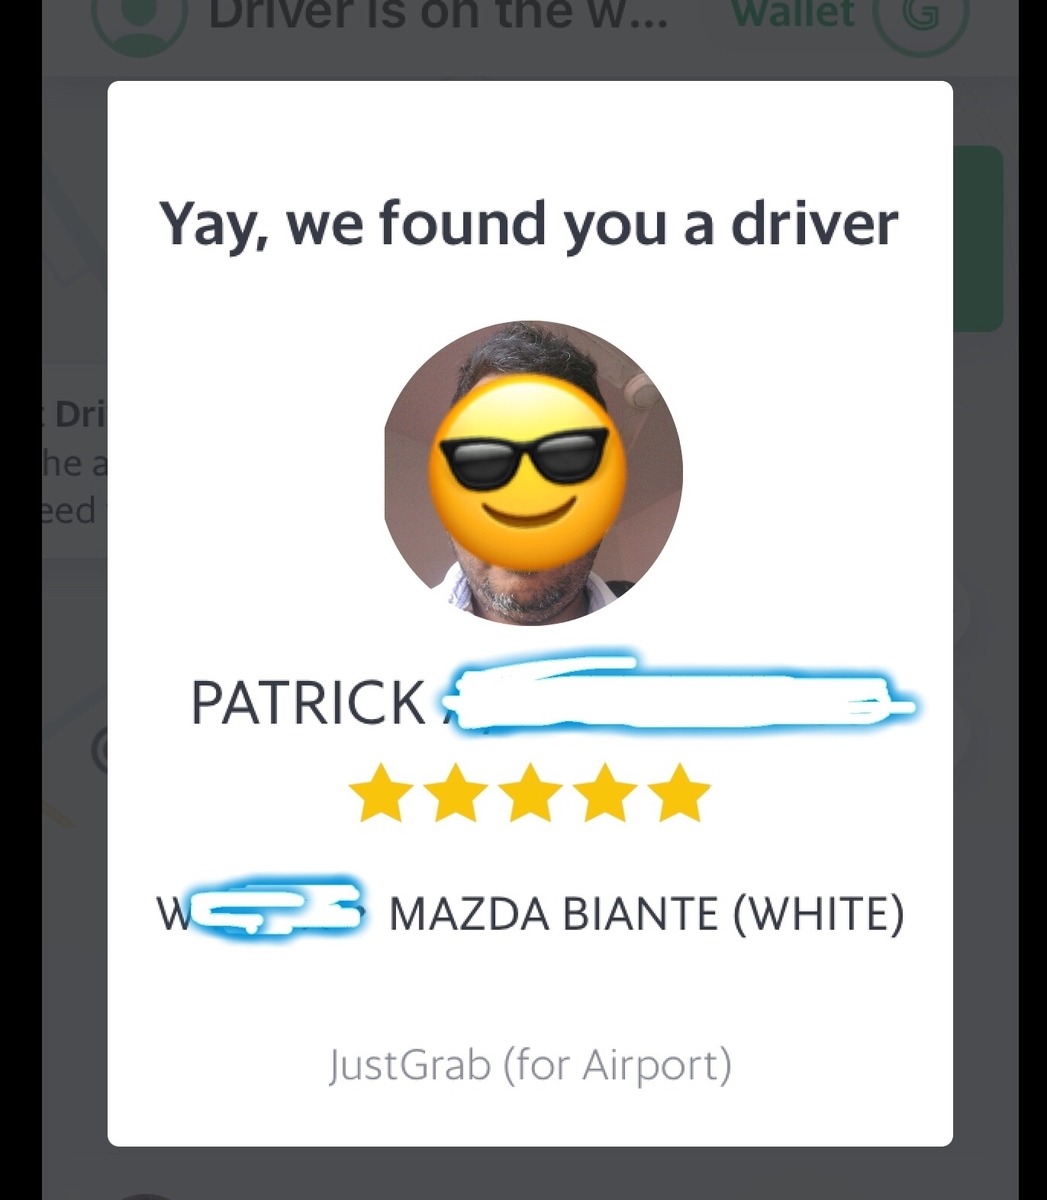 タクシー運転手の情報や車番